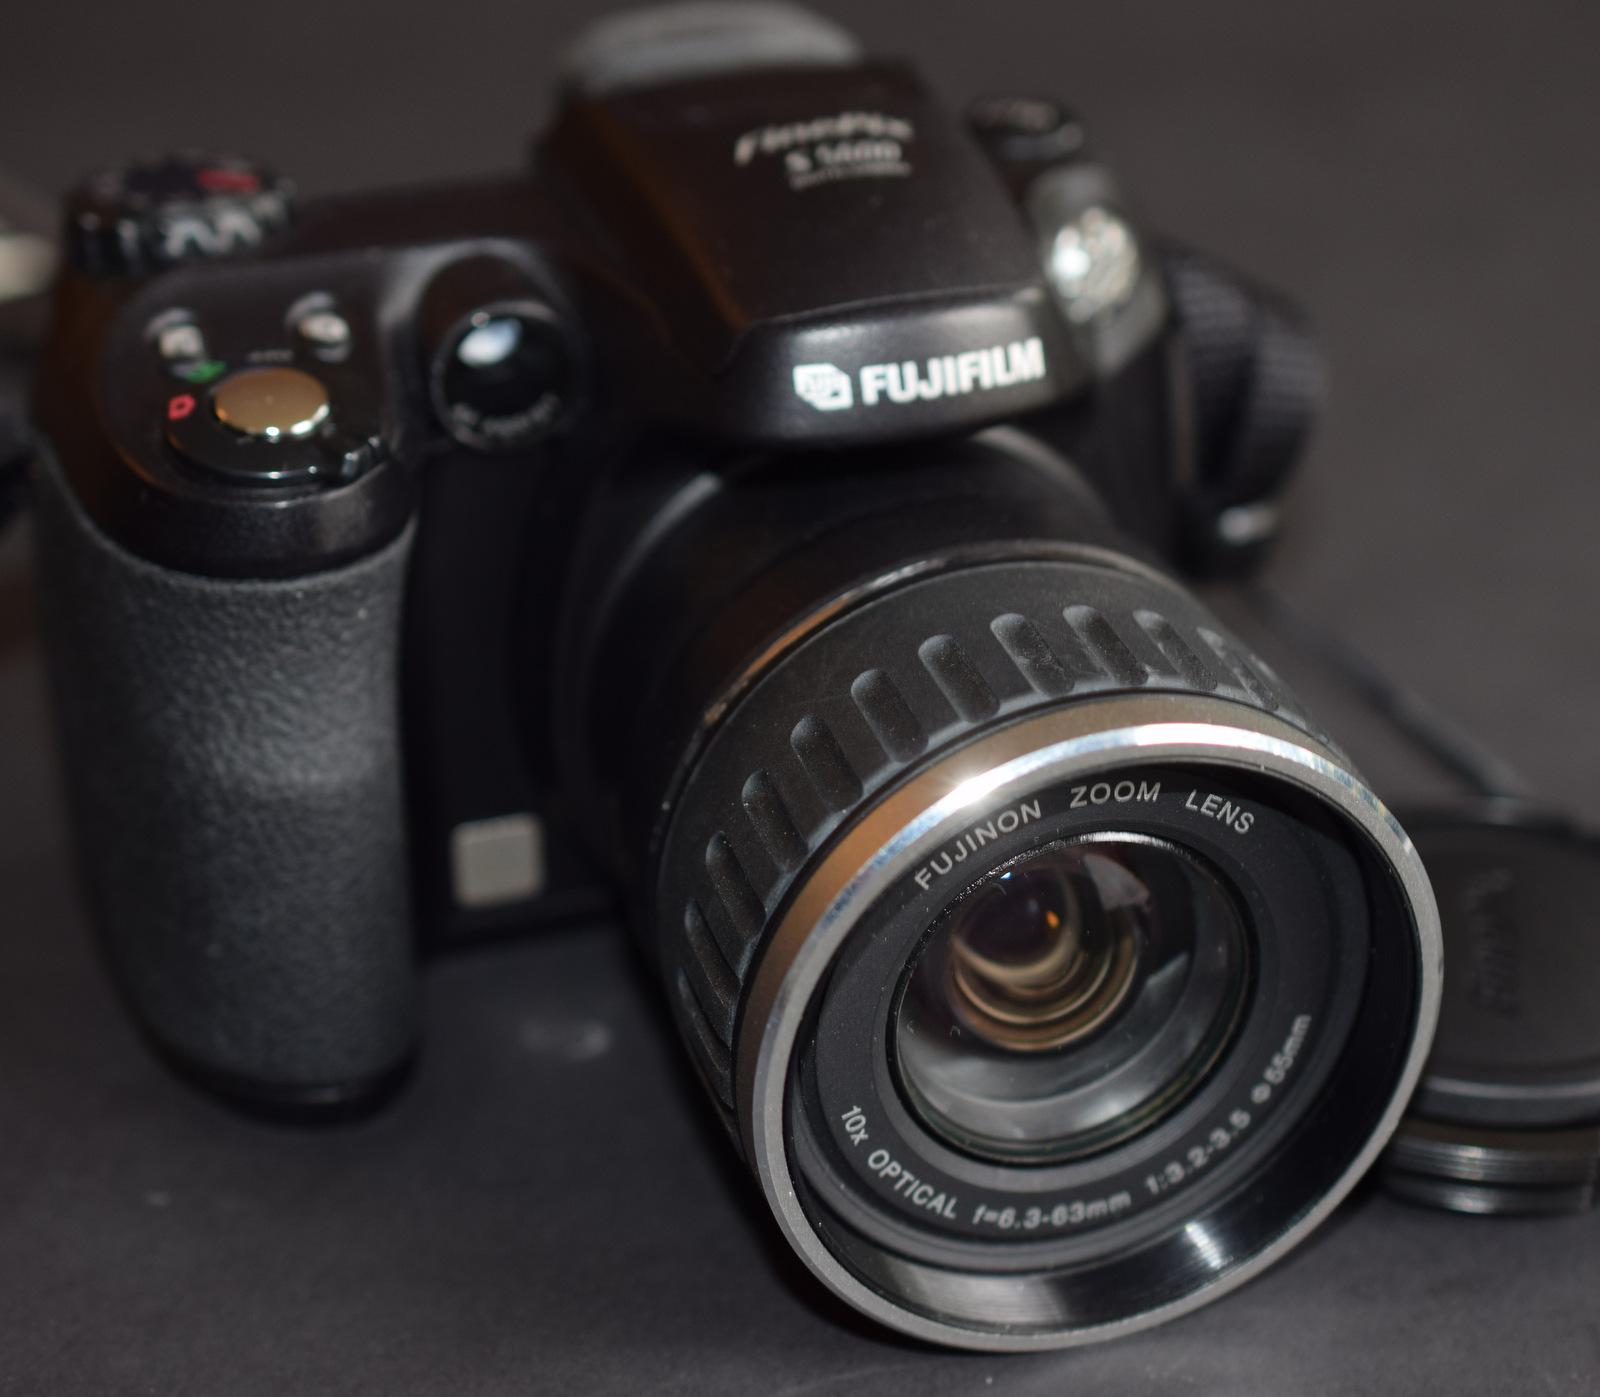 Lot 32 - Fujifilm Finepix S5600 Digital Camera